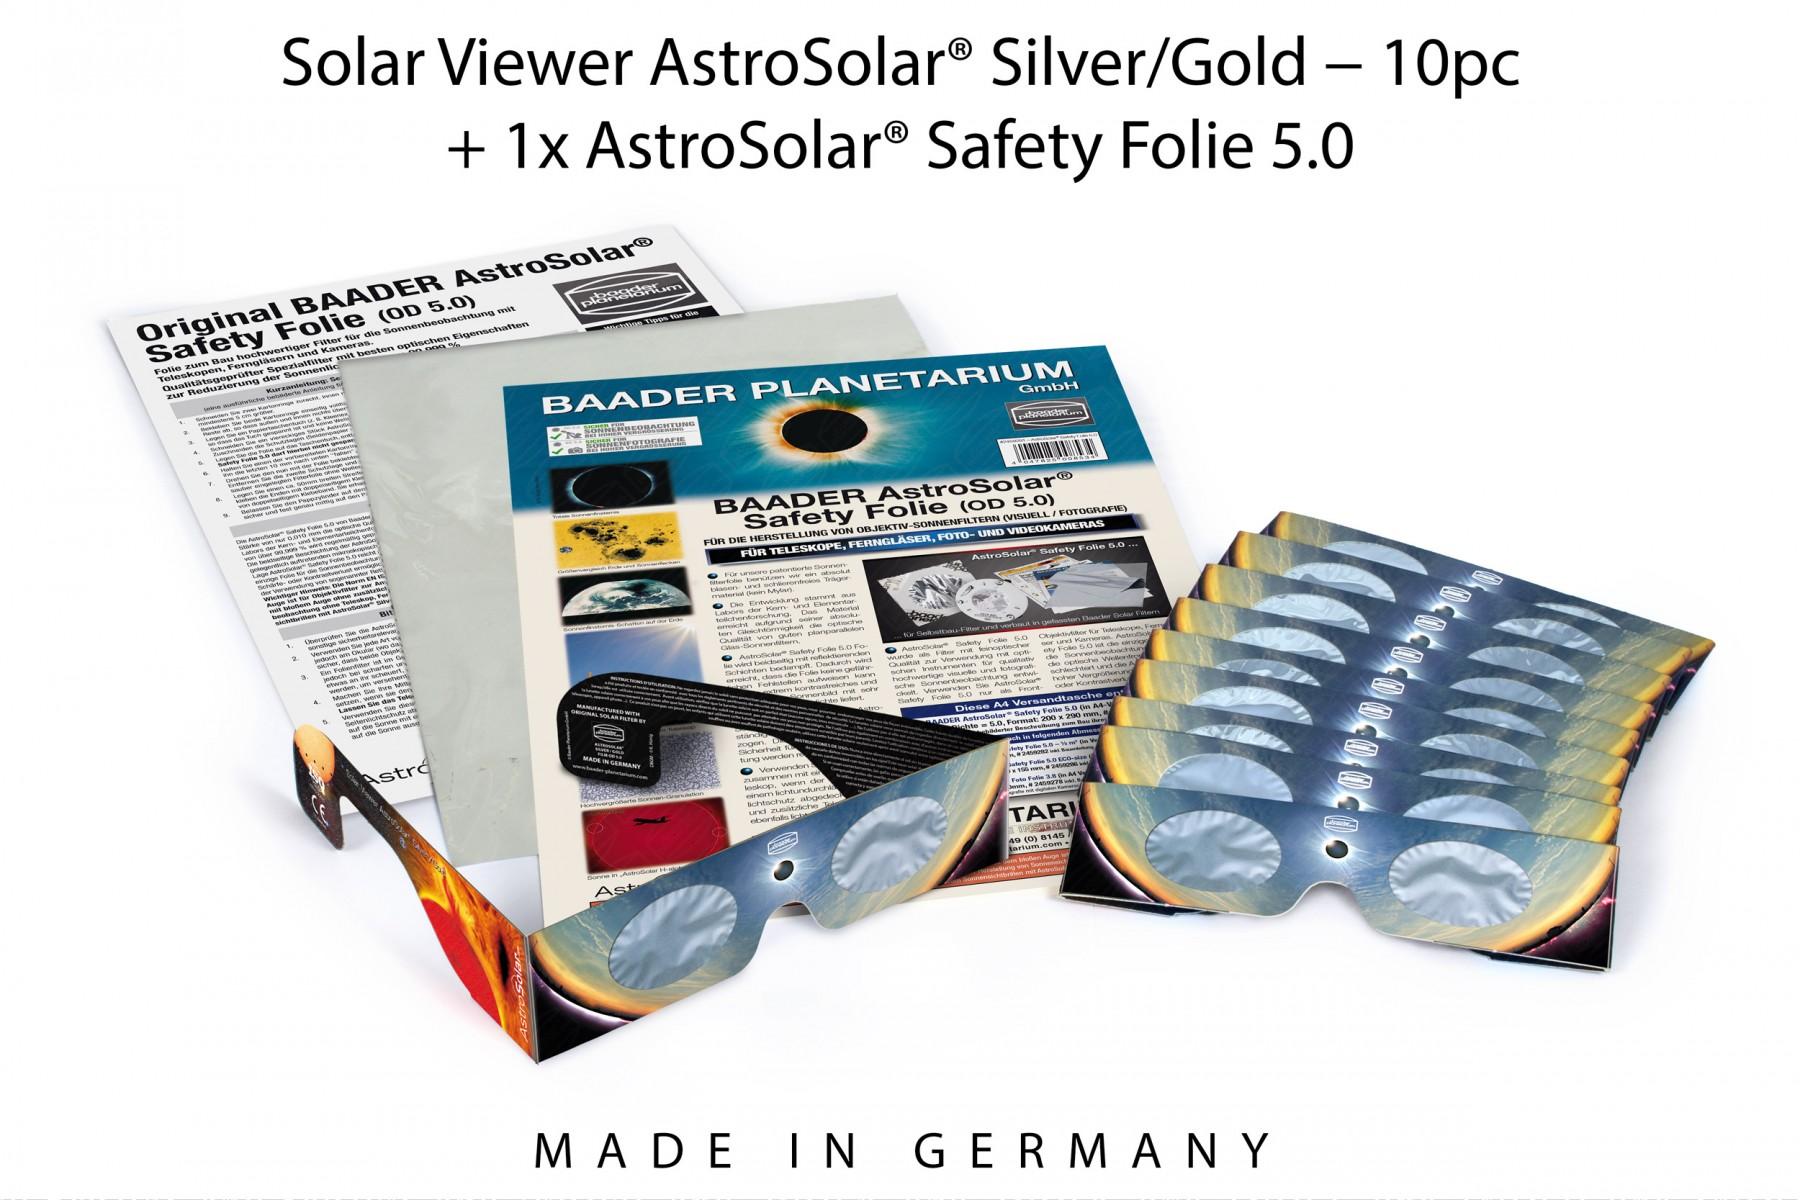 10x Solar Viewer AstroSolar® Silver/Gold + 1x AstroSolar® Safety Folie 5.0 - 20x29 cm